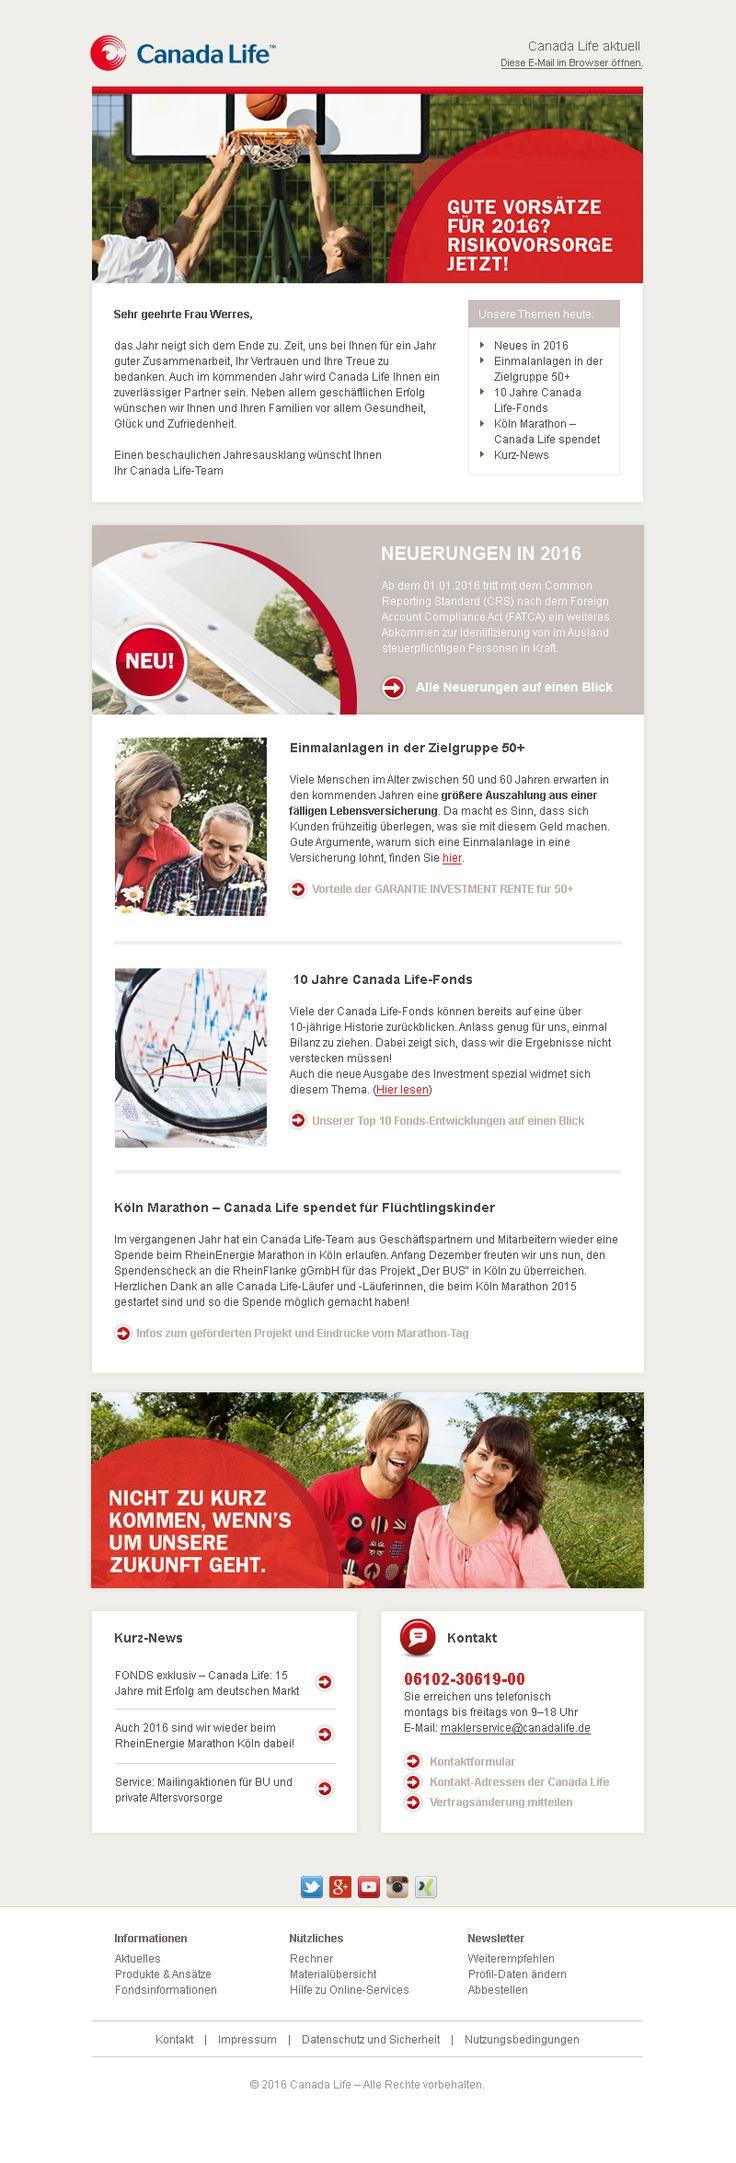 Unser Newsletter Design für ein erfolgreiches E-Mail Marketing für die Canada Life Assurance Europe Limited. #Newsletterdesign #Email-Marketing #Newsletter